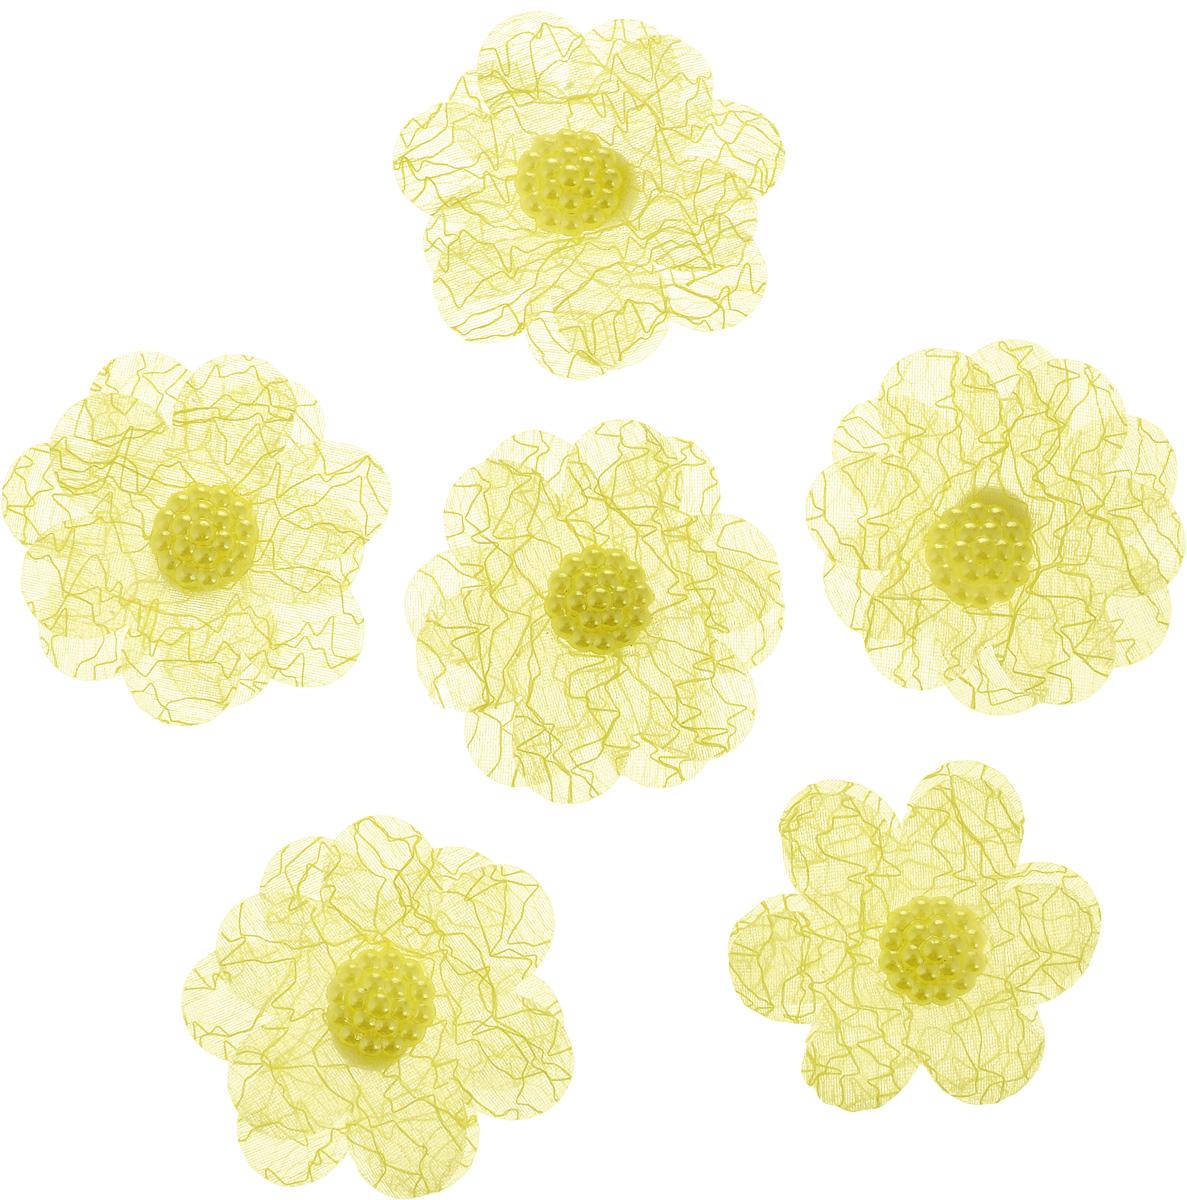 Набор украшений для яиц Home Queen Цветы, на клейкой основе, цвет: светло-желтый, 6 штNLED-454-9W-BKНабор Home Queen Цветы состоит из шести декоративных элементов и предназначен для украшения яиц, посуды, стекла, керамики, металла, цветочных горшков, ваз и других предметов интерьера. Украшения изготовлены из полиэстера в виде цветов и фиксируются при помощи специальной клейкой основы. Такой набор украшений создаст атмосферу праздника в вашем доме.